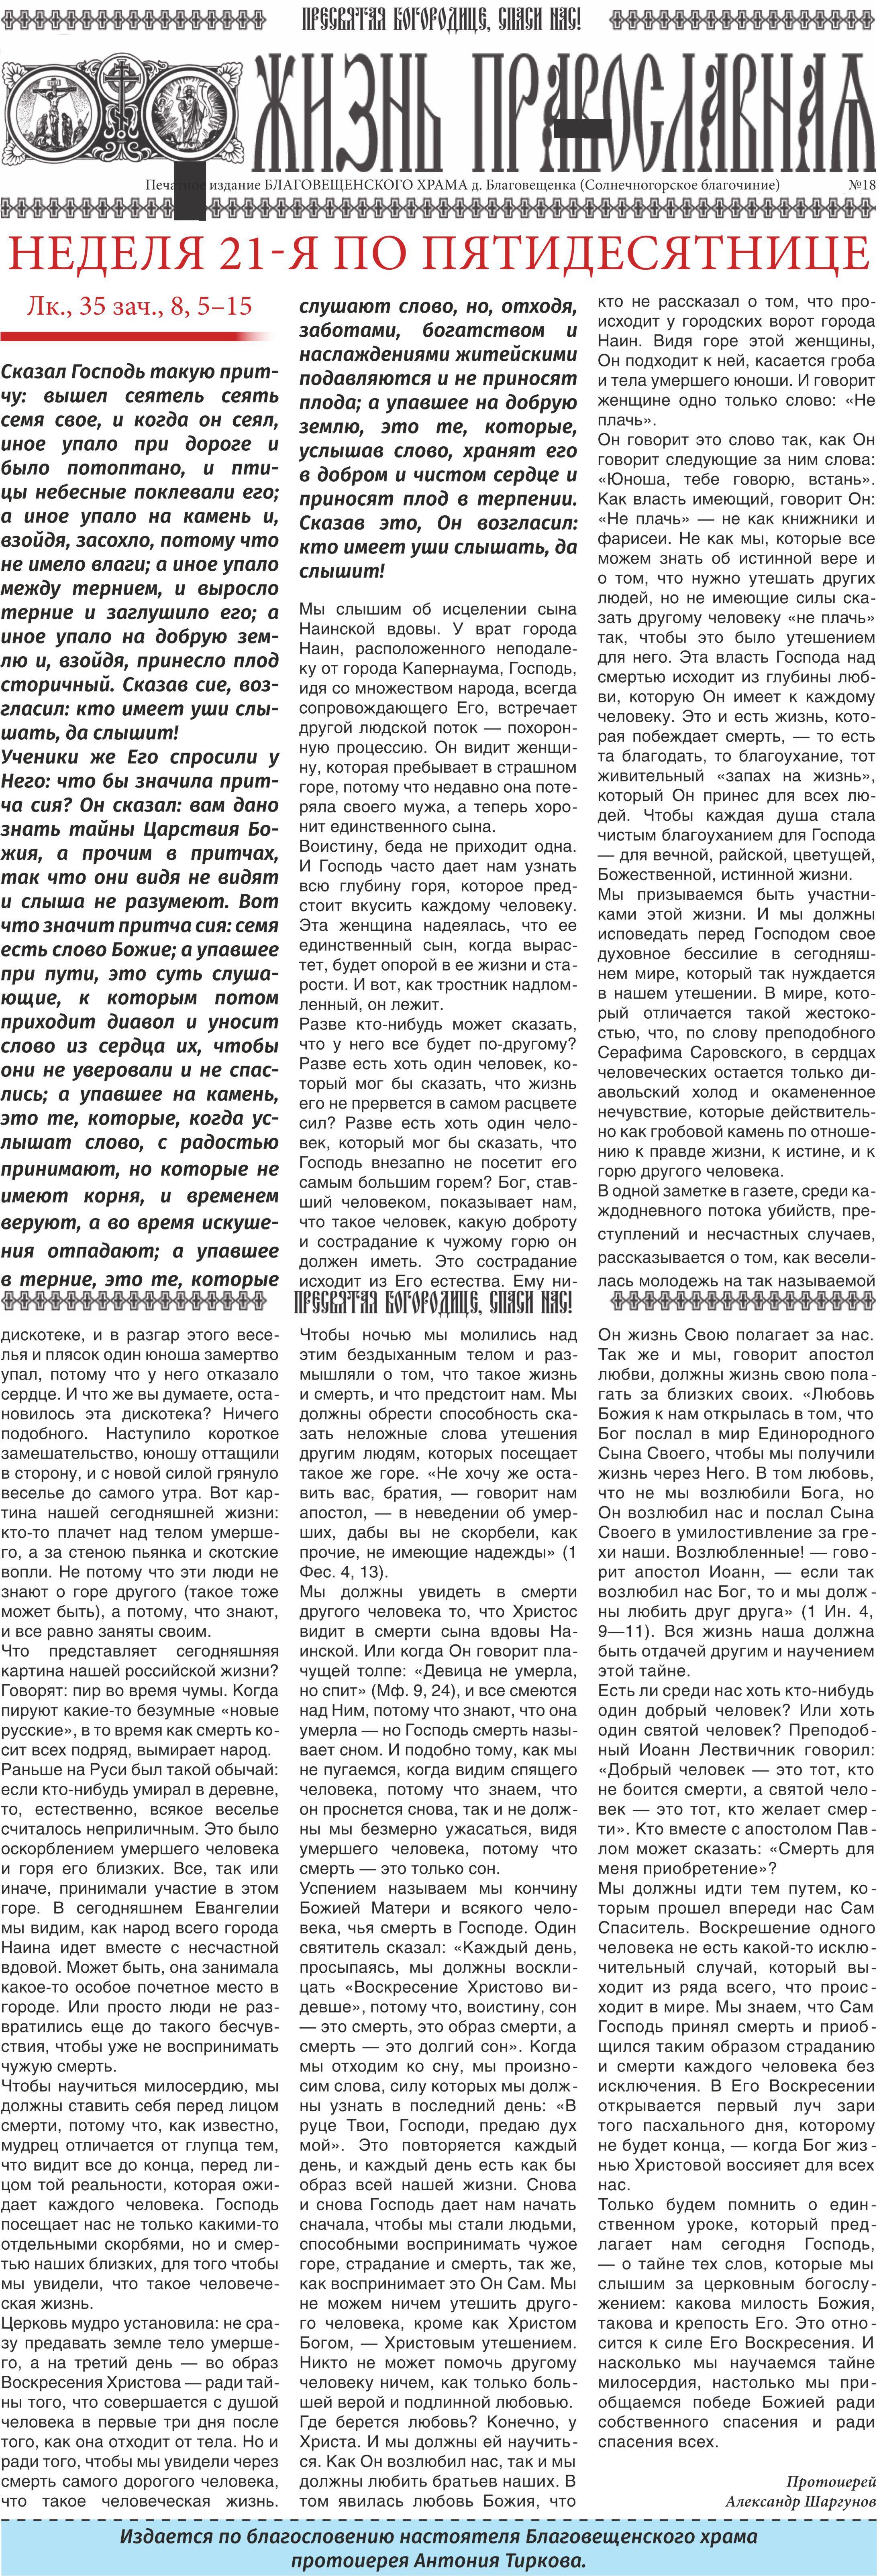 Жизнь православная 2017-18